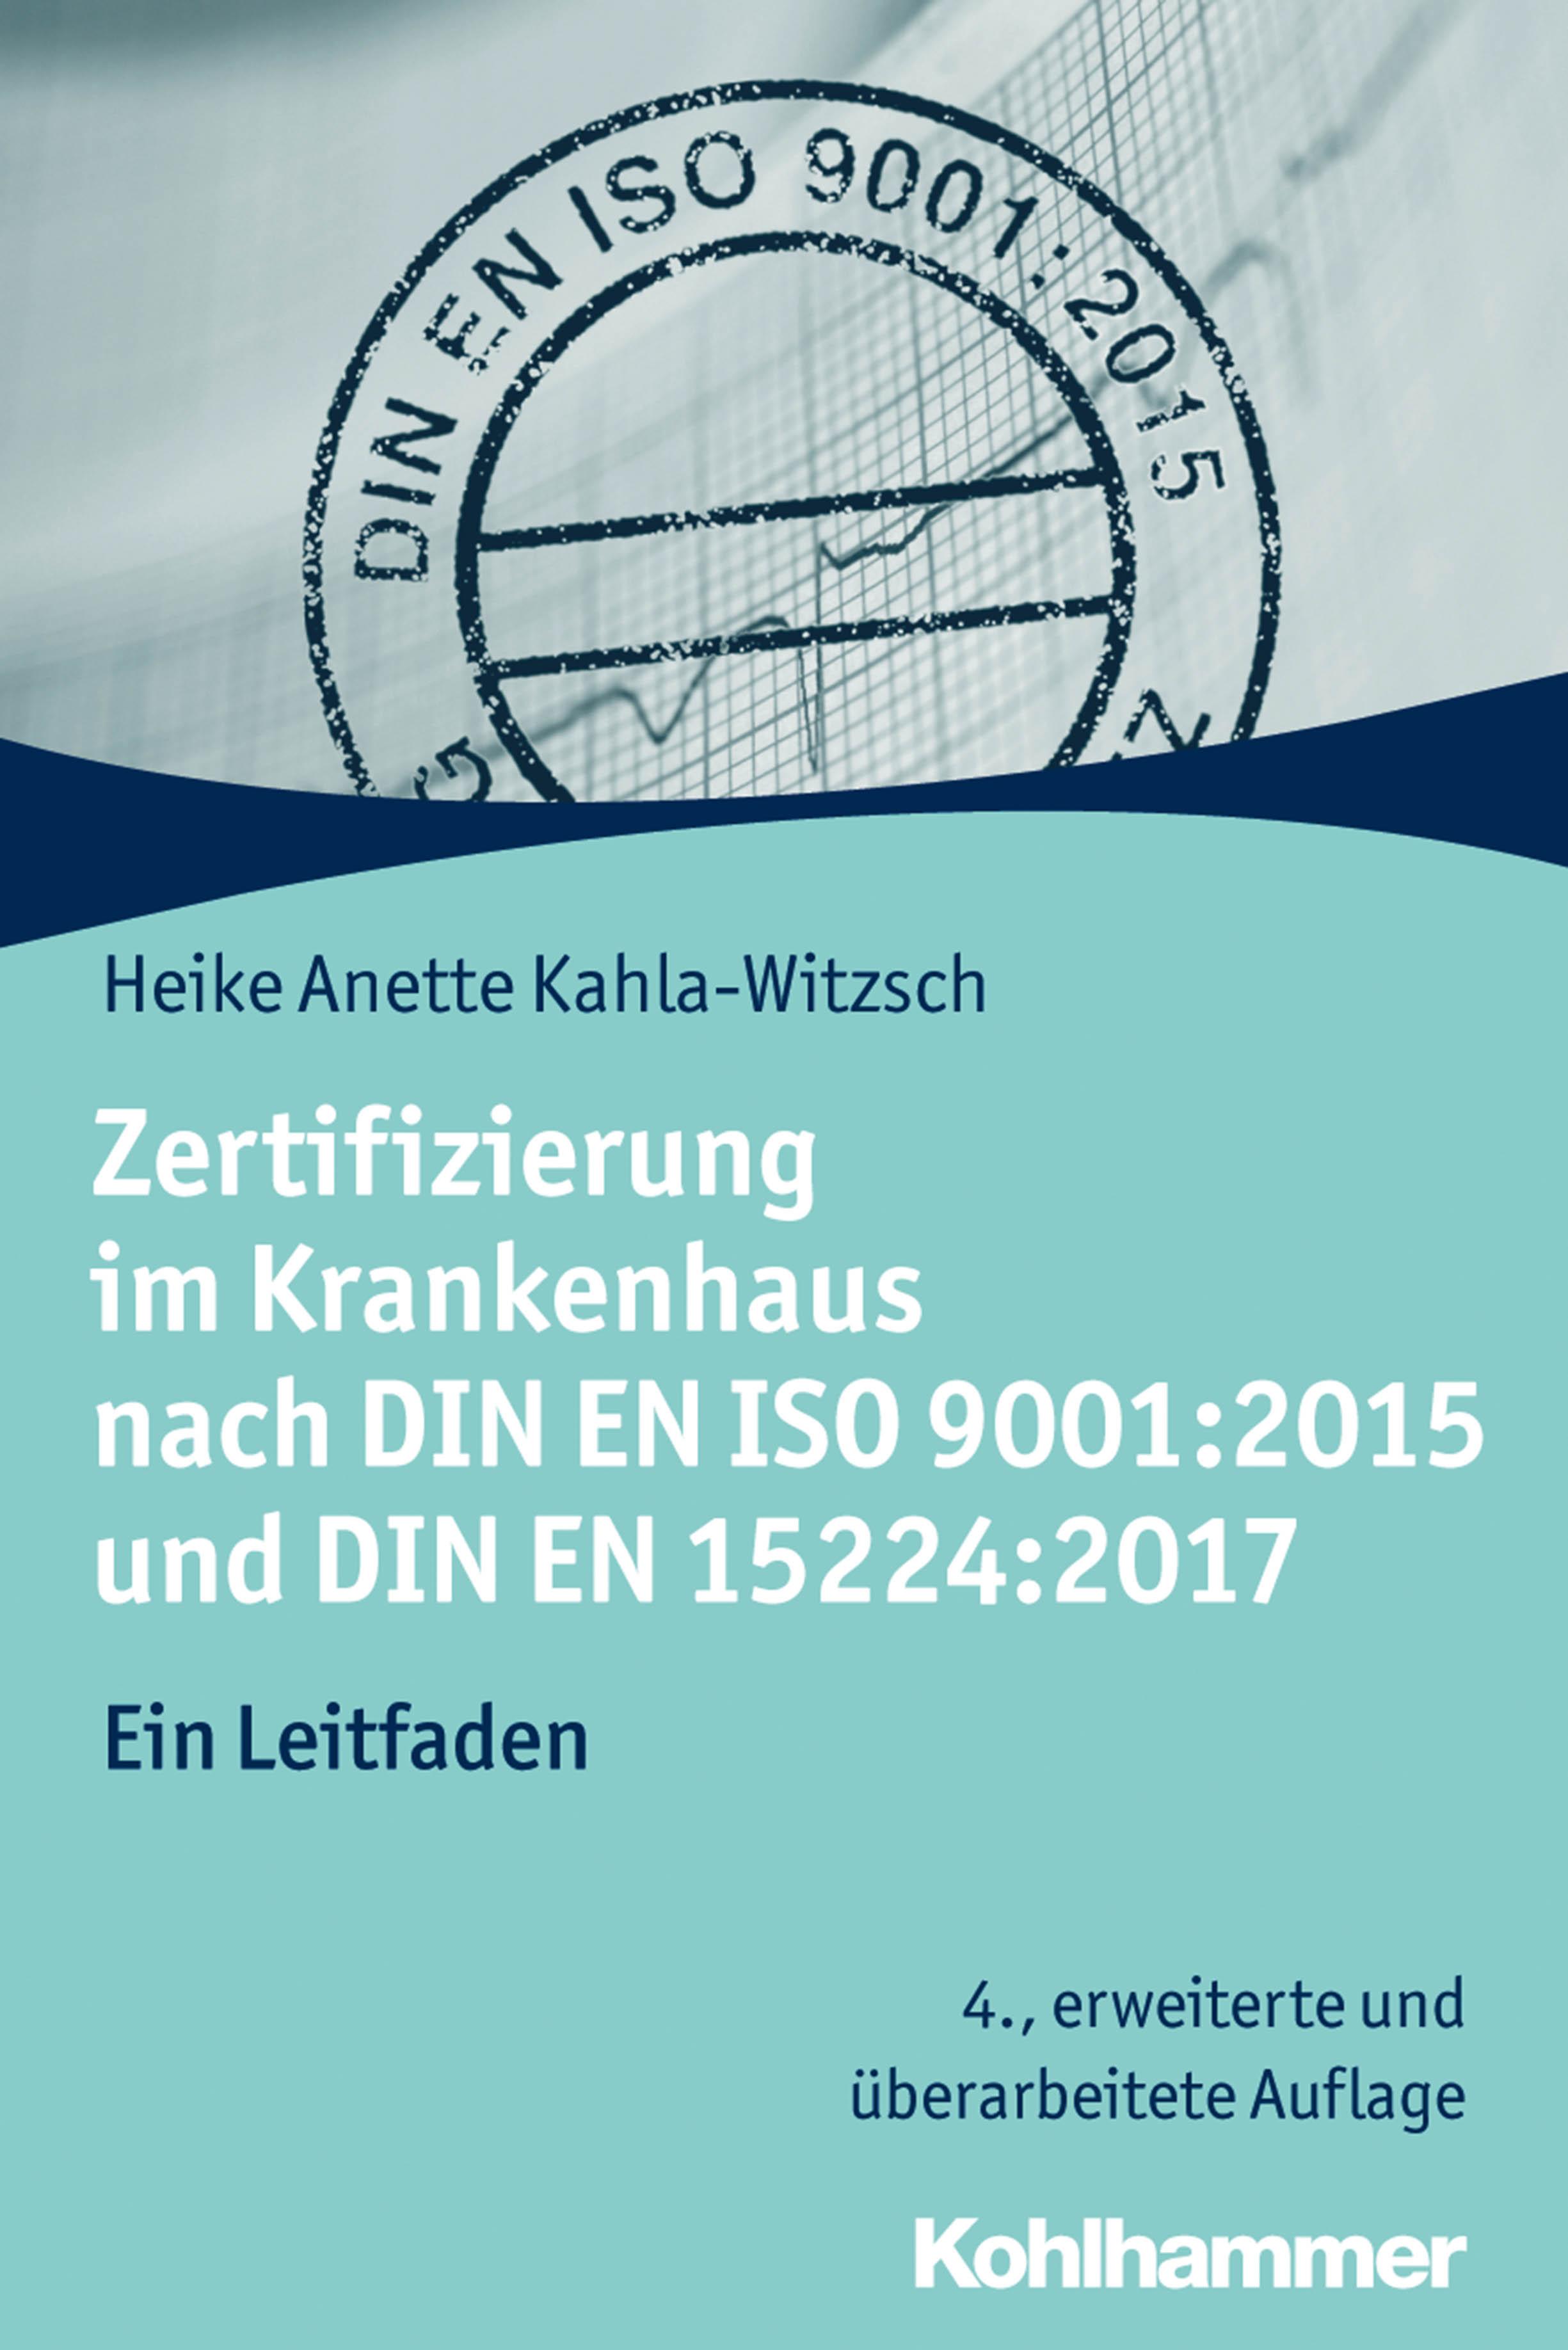 Heike Anette Kahla-Witzsch Zertifizierung im Krankenhaus nach DIN EN ISO 9001:2015 und DIN EN 15224:2017 соусник kahla